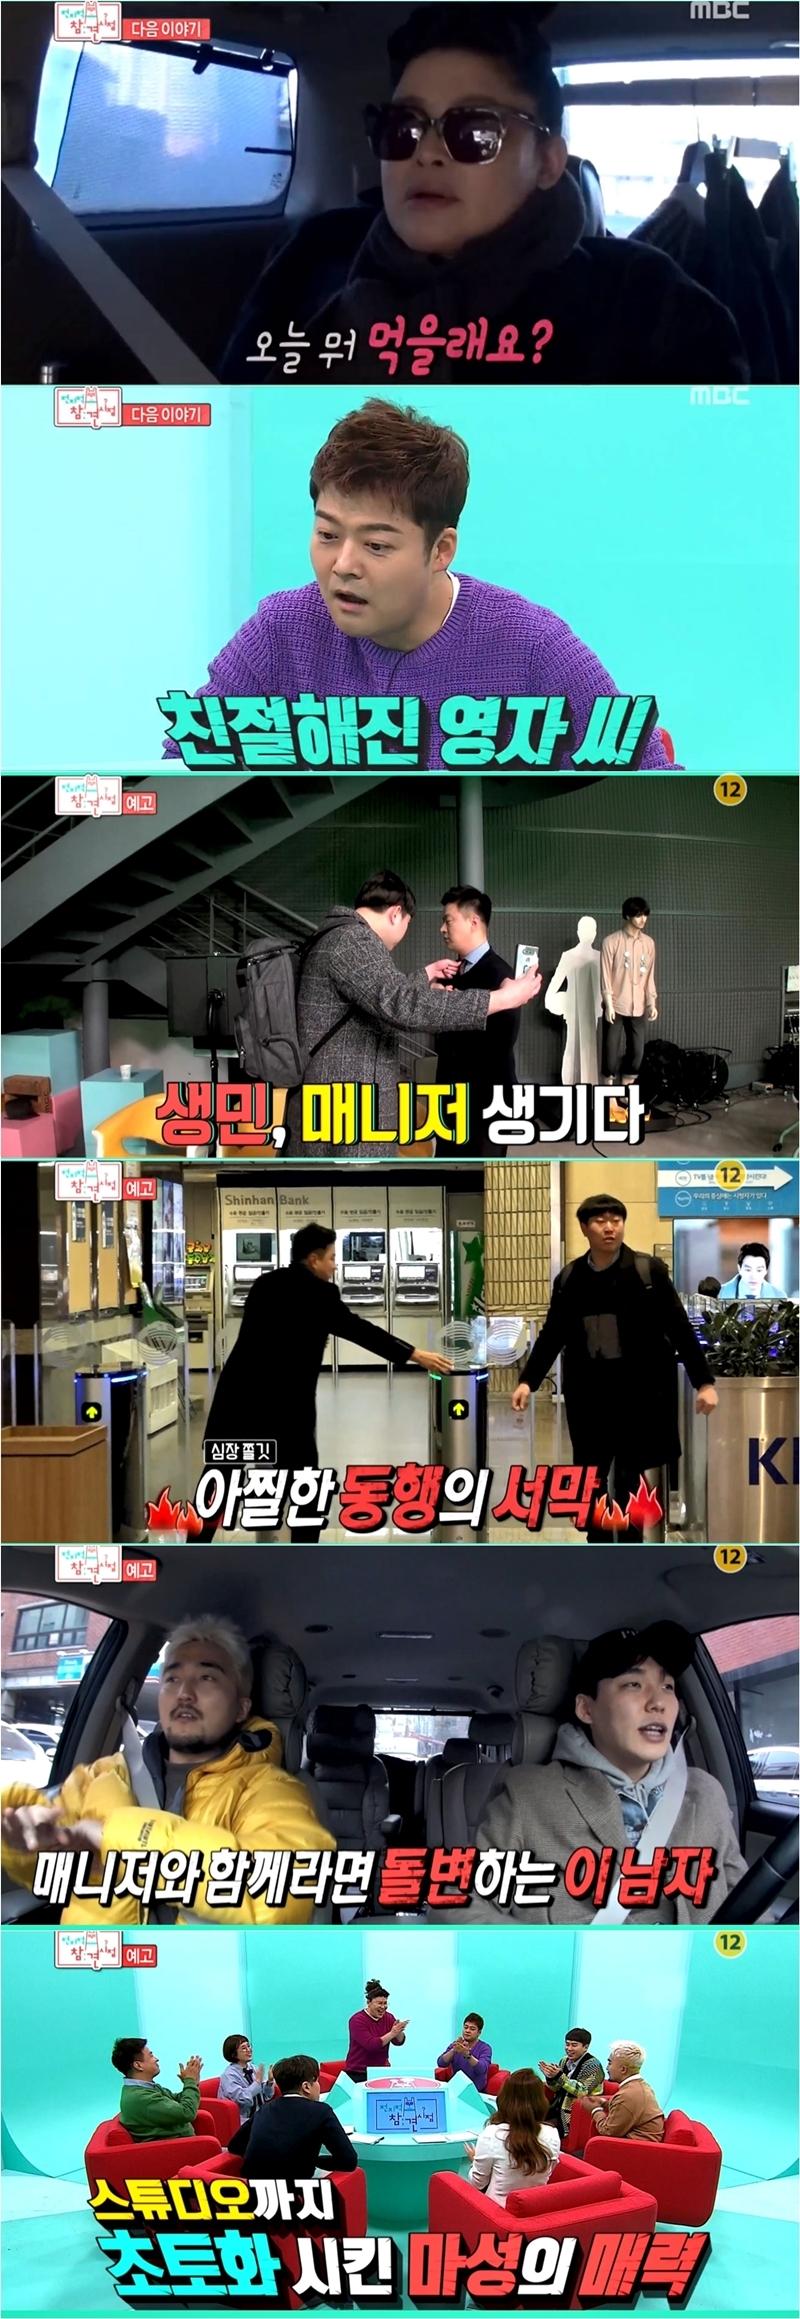 '전지적 참견 시점' 이영자-김생민, 1회 예고 영상 공개 '궁금증 UP'